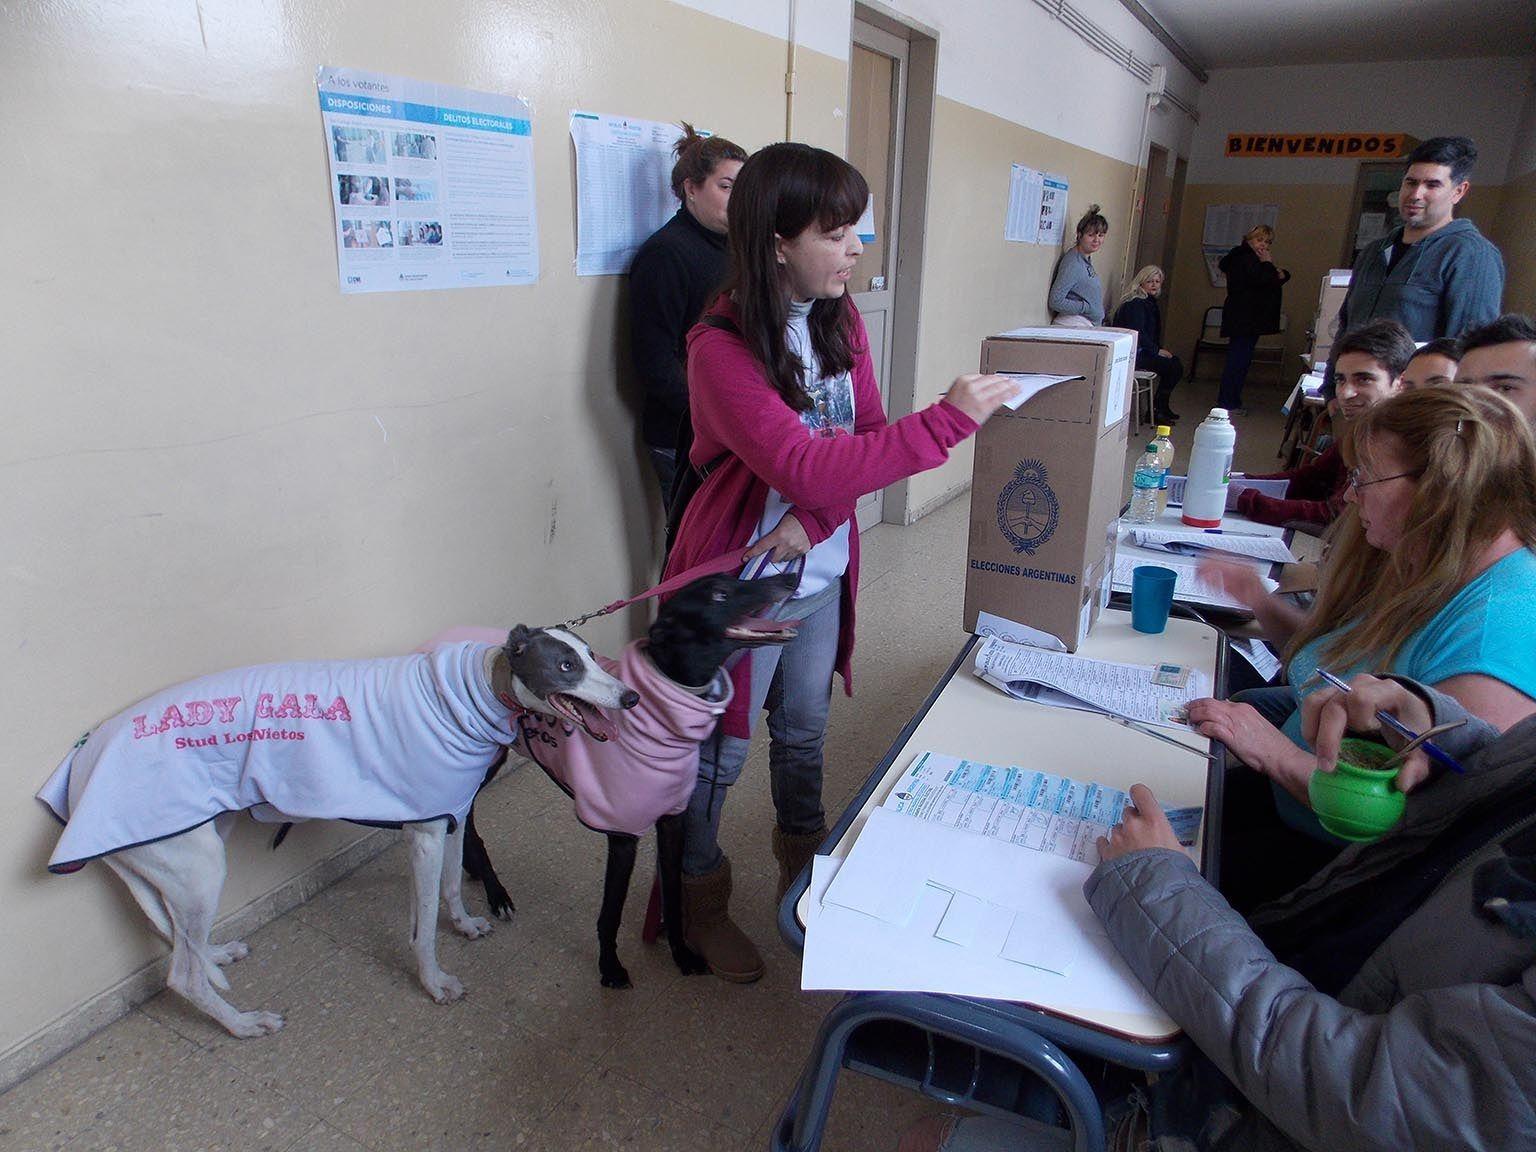 Paola Bafundo fue a votar con dos perras galgo